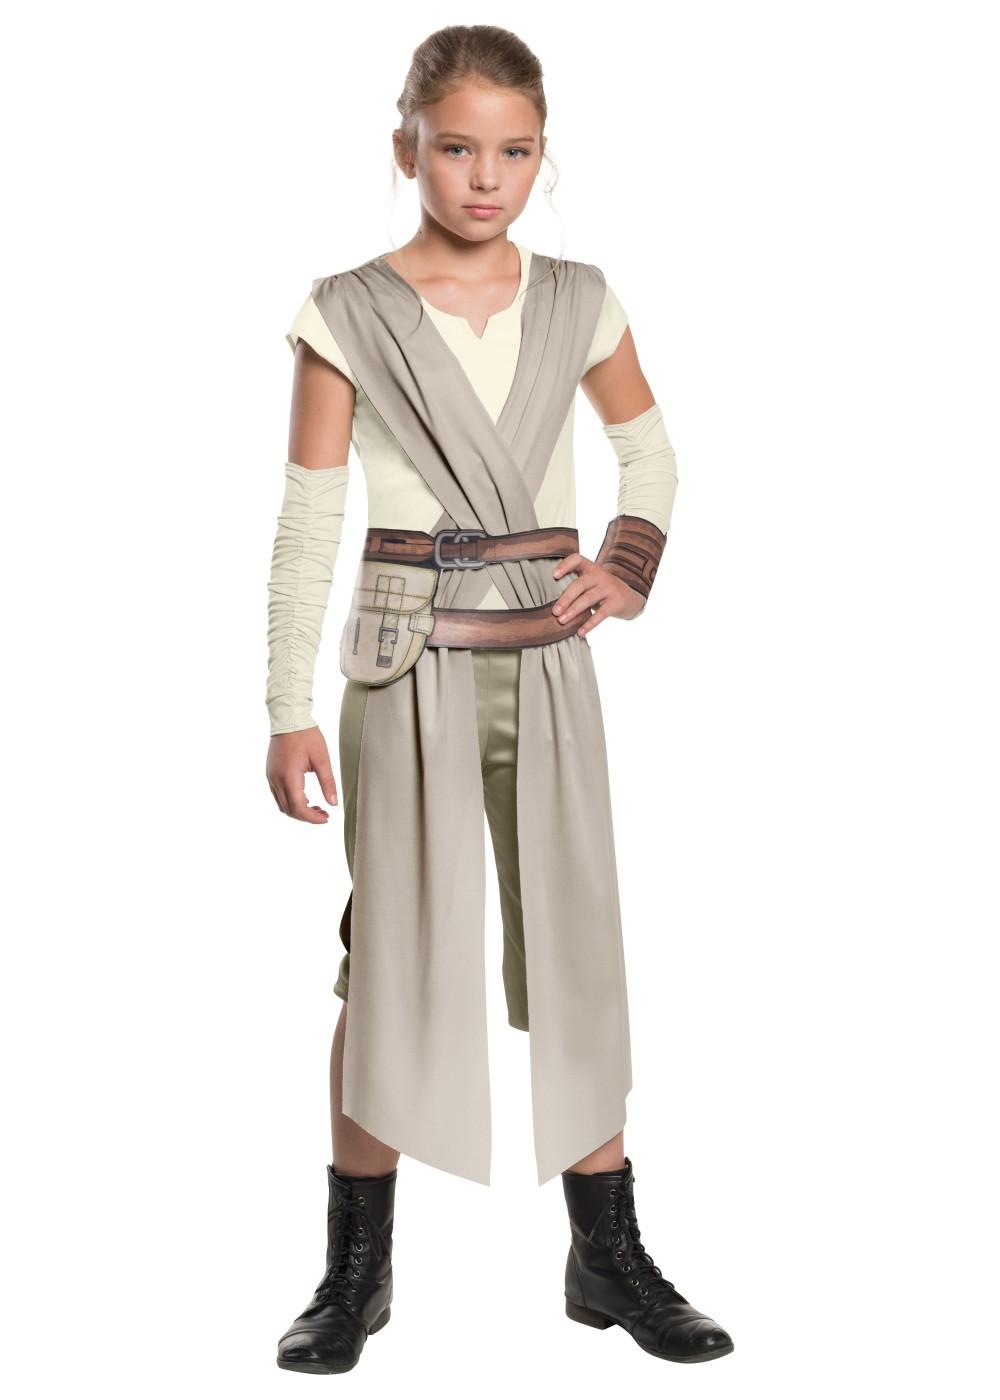 Princess Leia Costume Plus Size